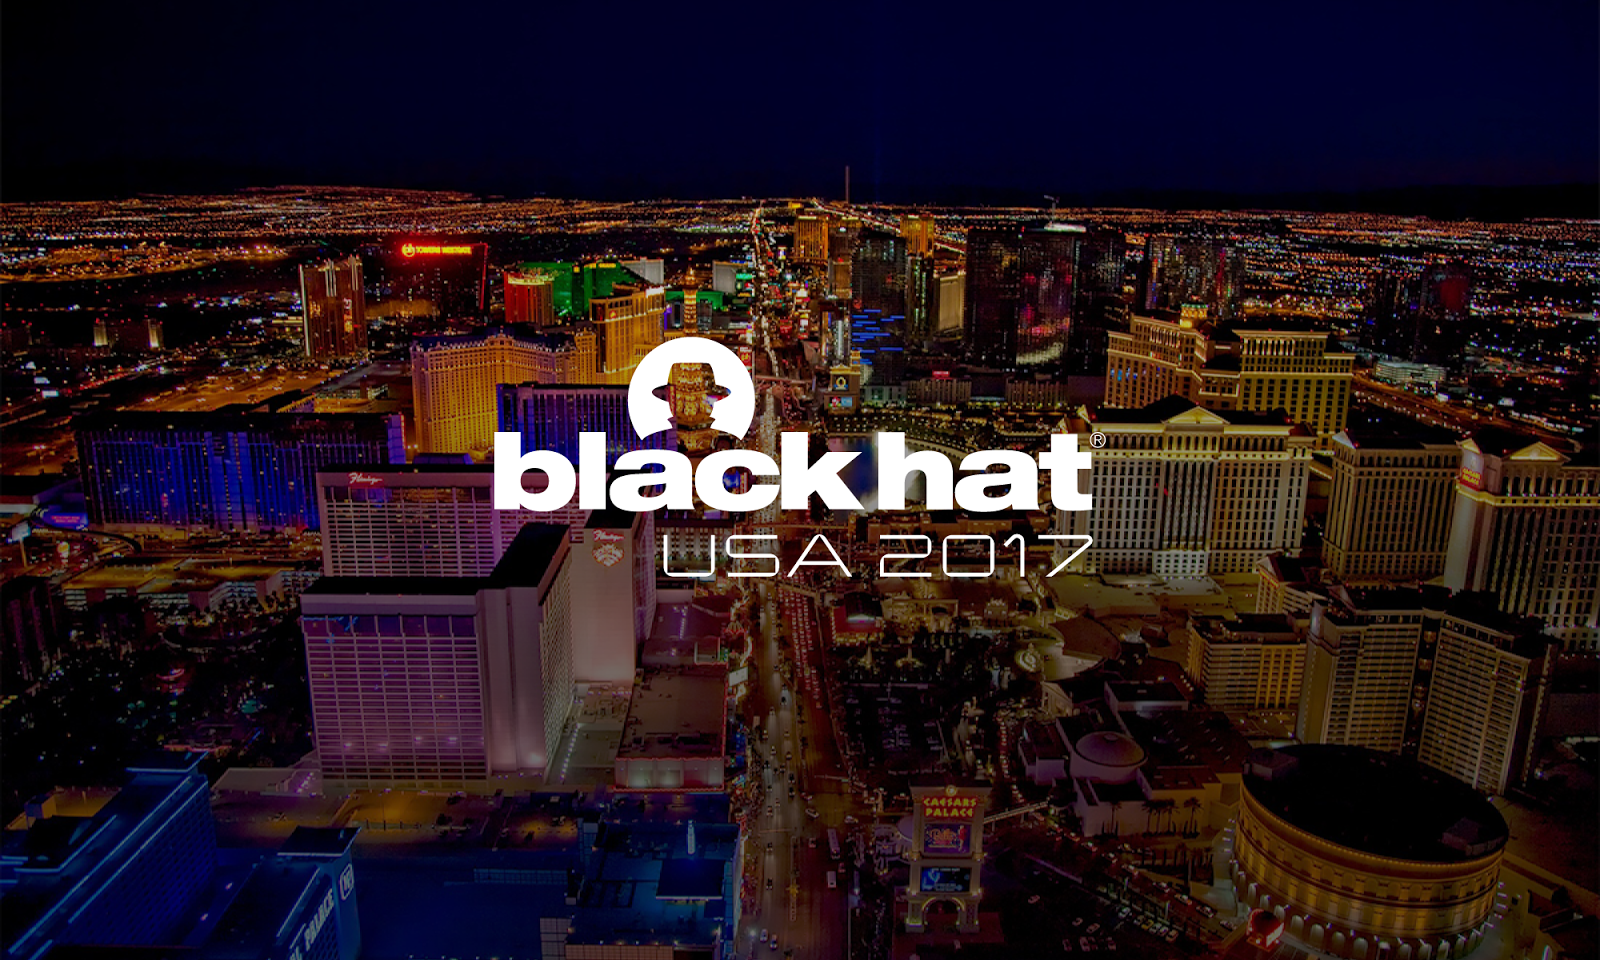 9f375695d92 La semana pasada publiqué una entrada con las presentaciones de la DEF CON  25 y está vez es la oportunidad de las presentaciones de Black Hat USA 2017